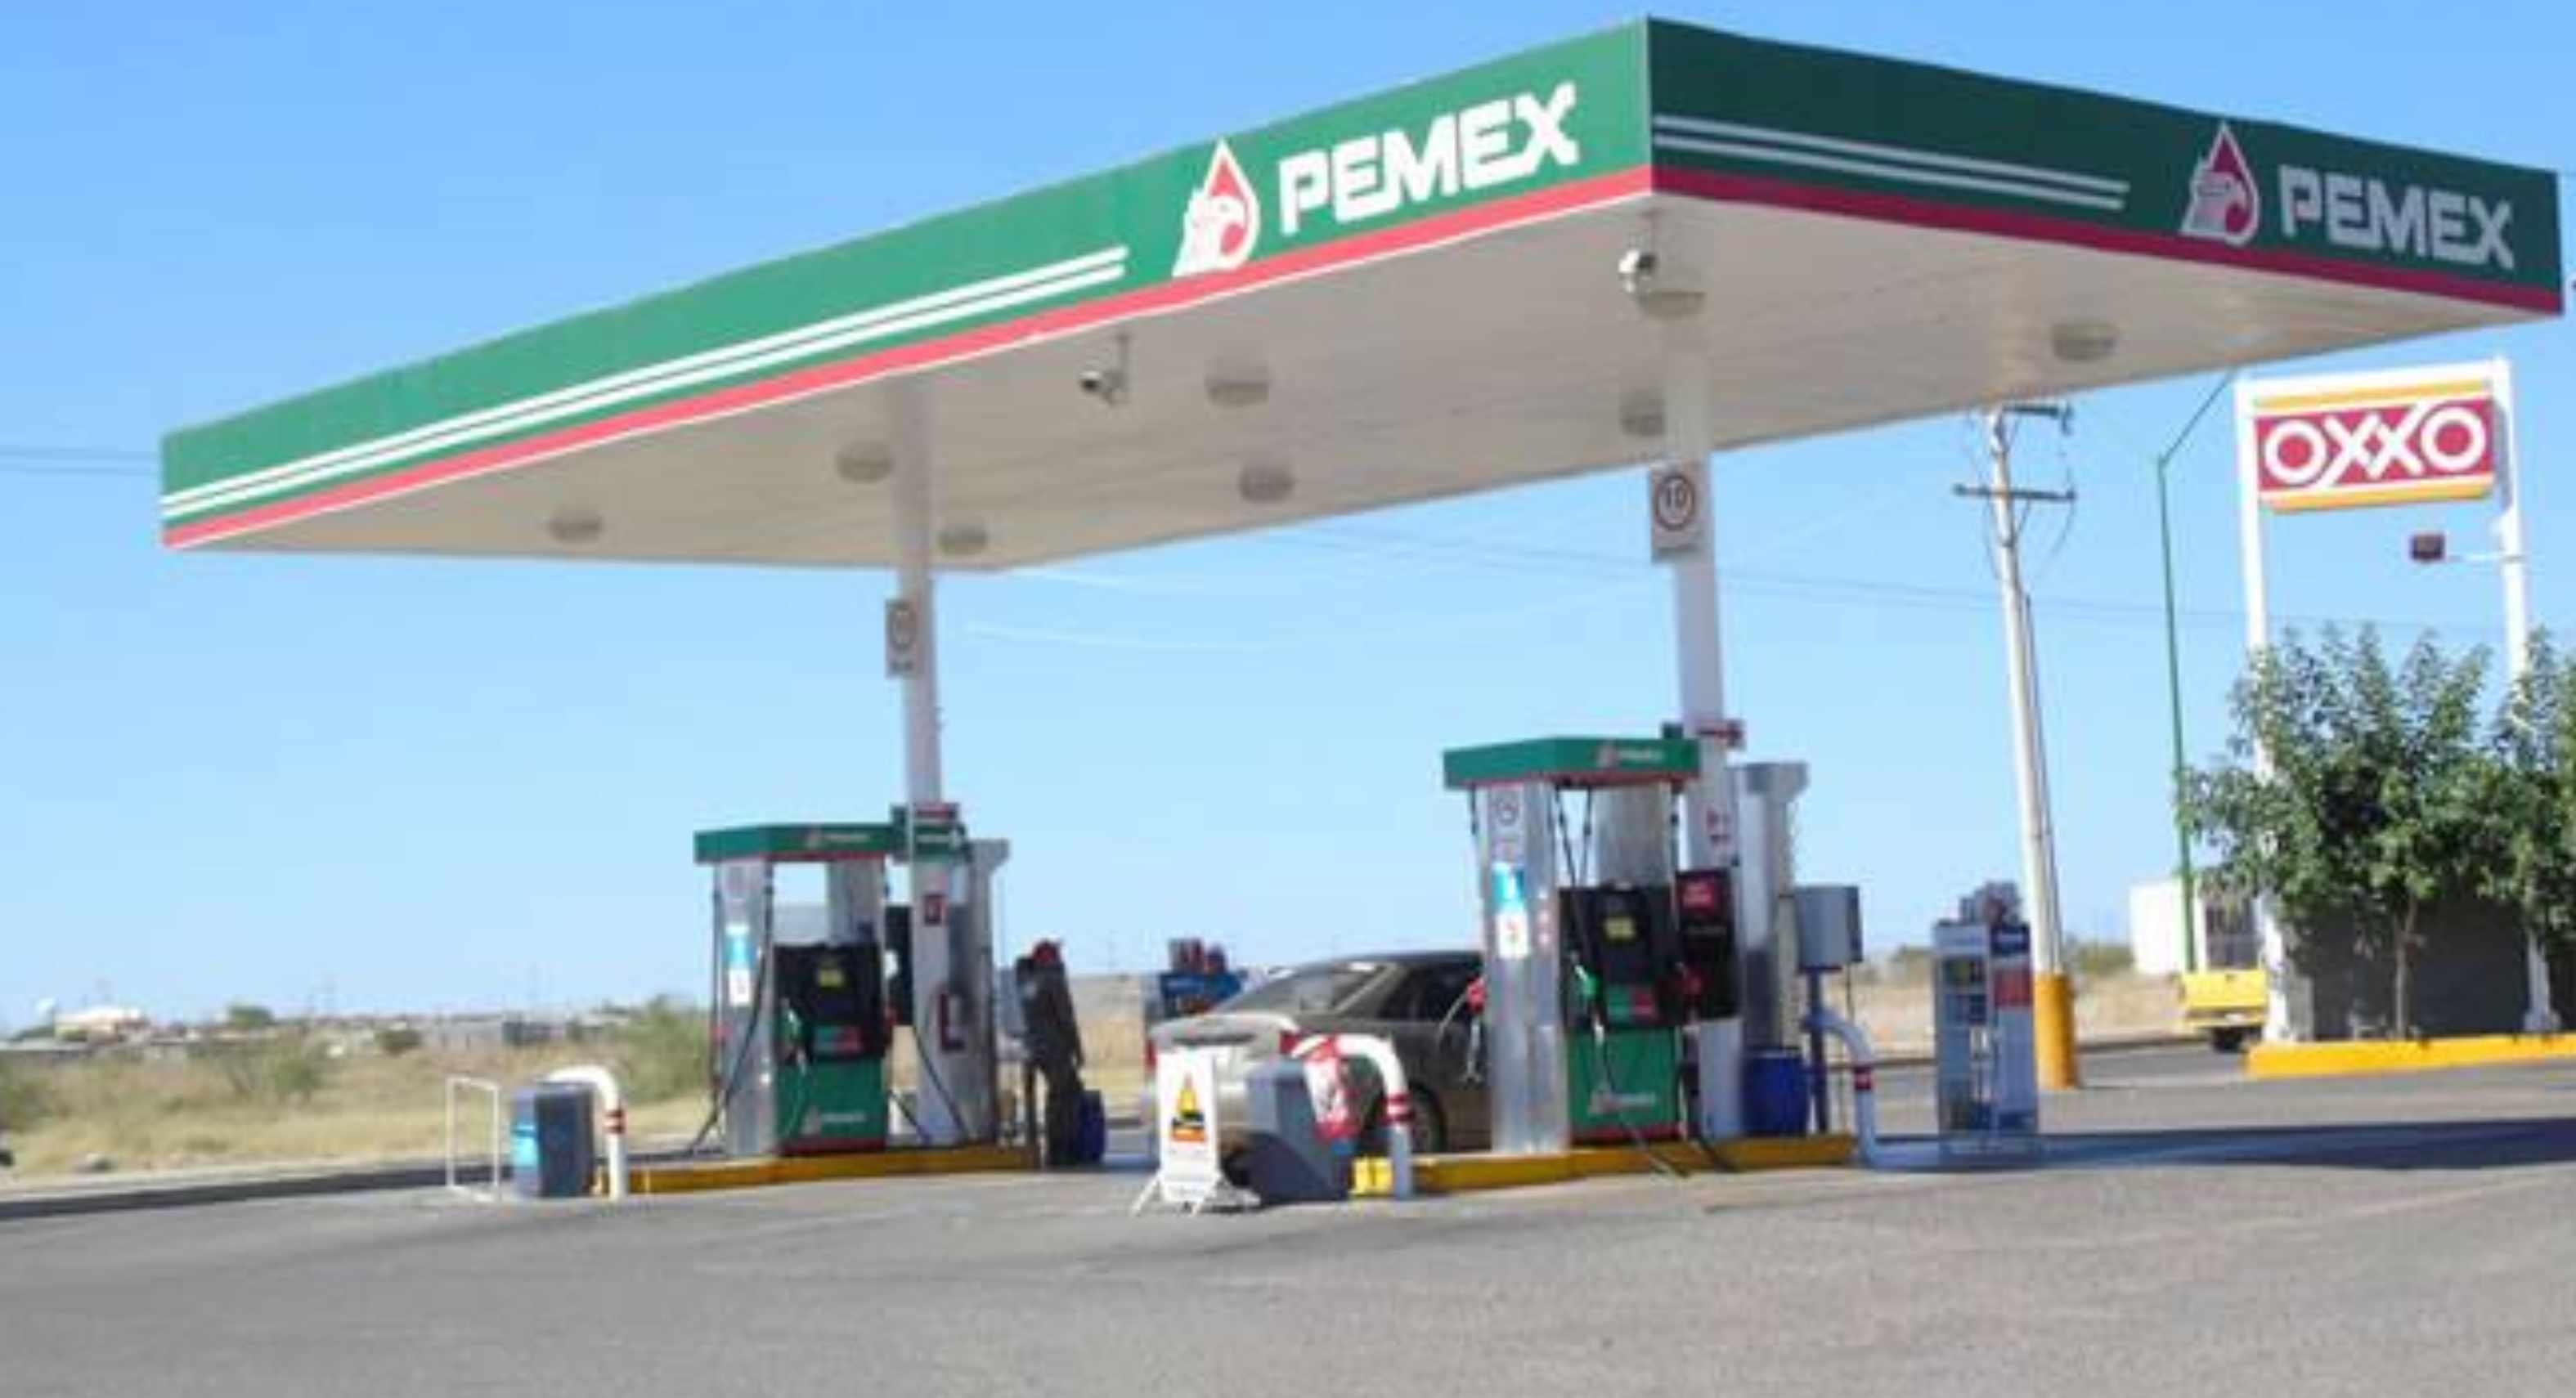 Gasolina magna premium diesel